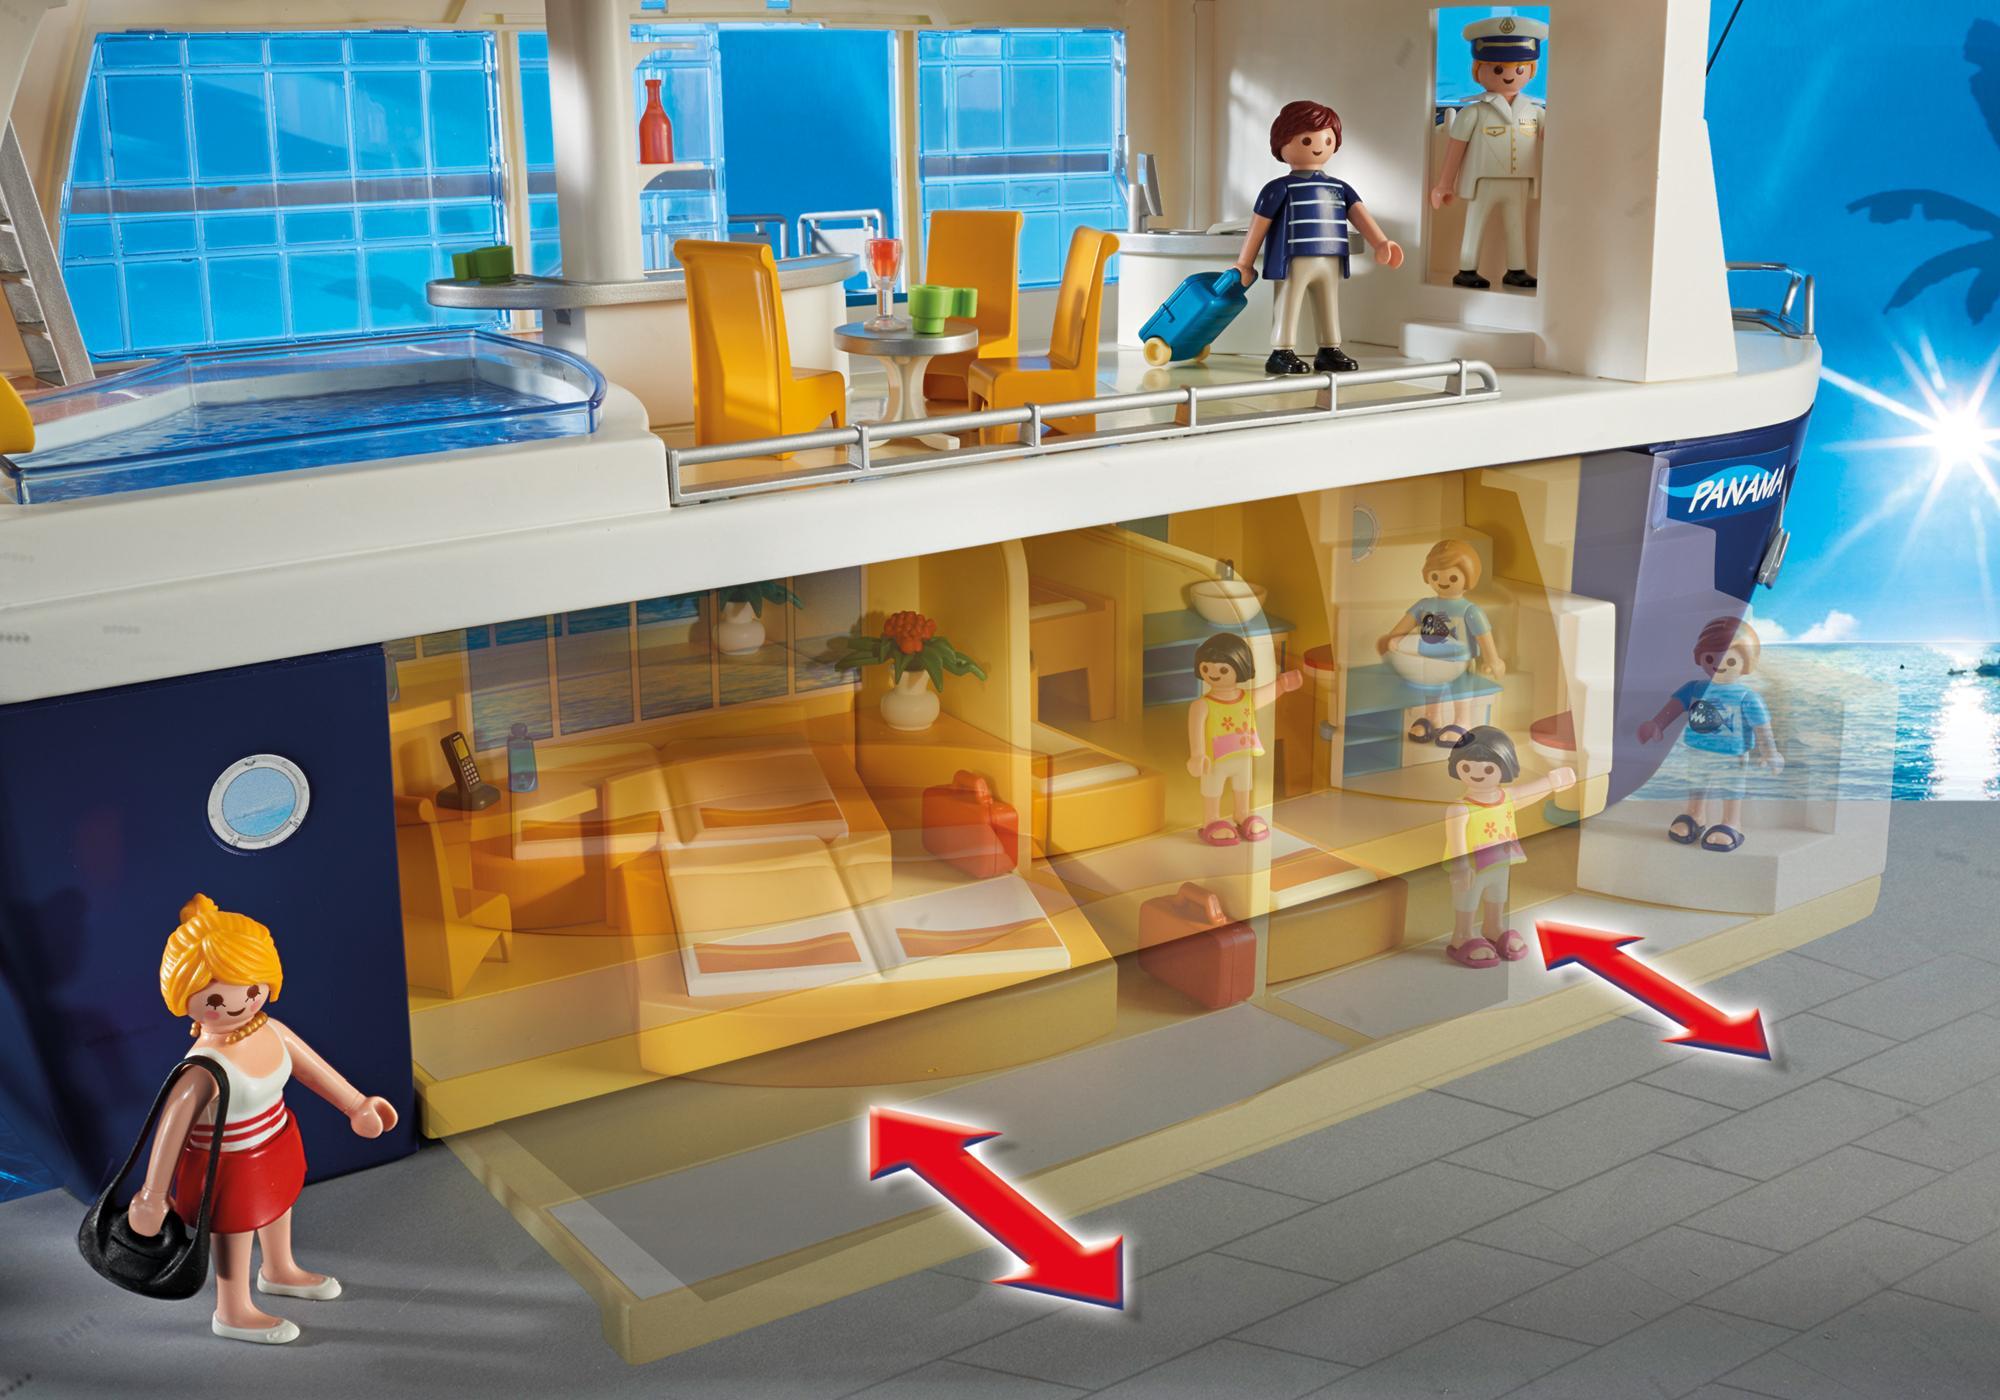 http://media.playmobil.com/i/playmobil/6978_product_extra1/Statek wycieczkowy